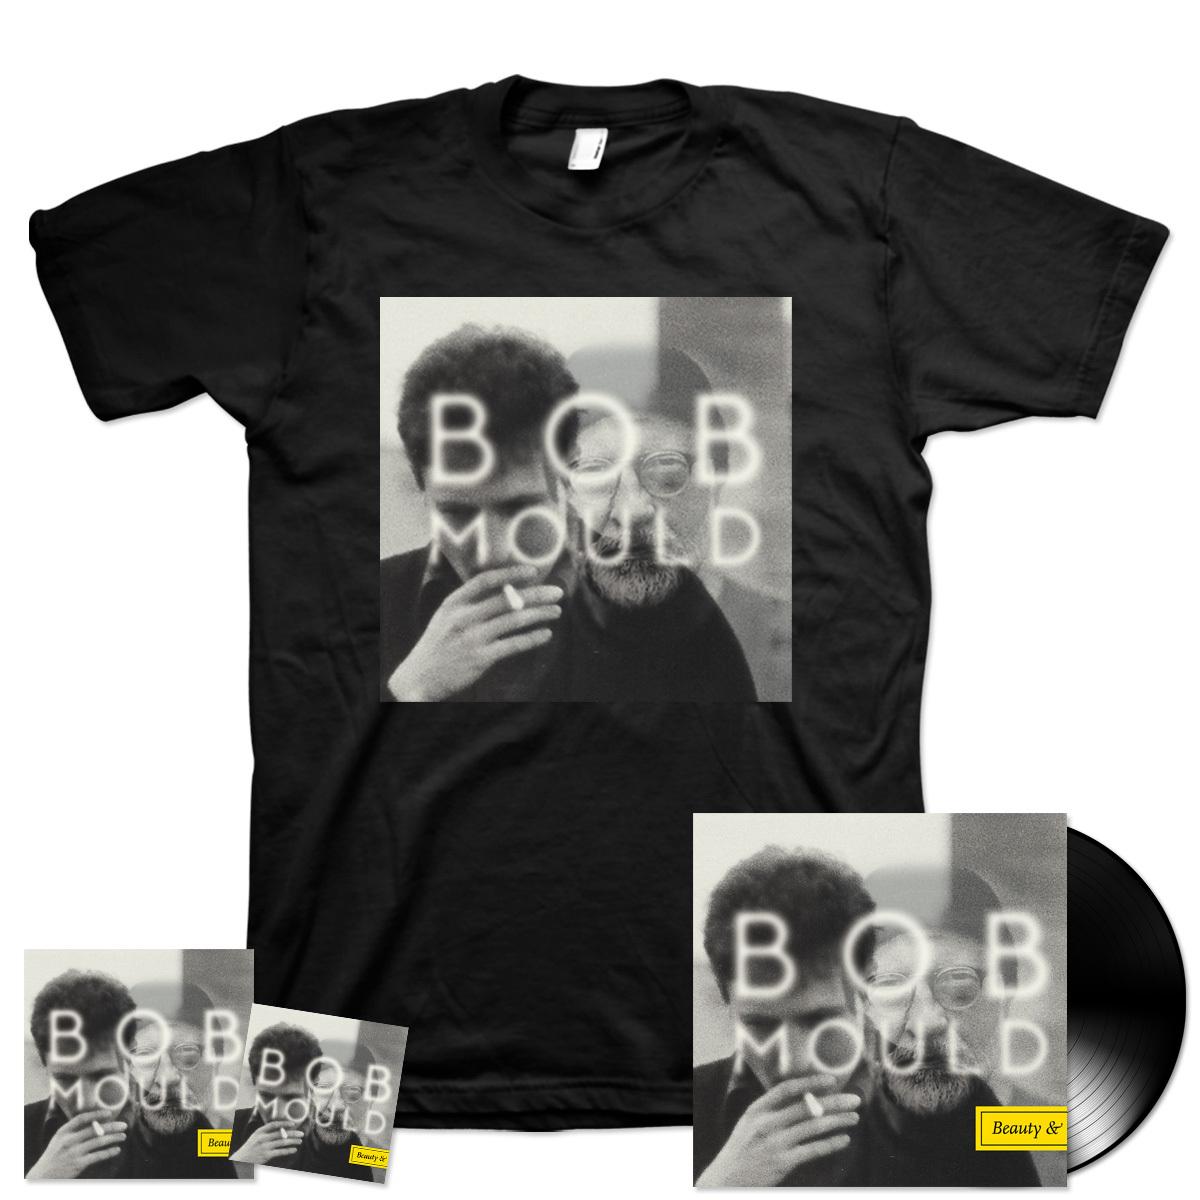 Bob Mould - Beauty & Ruin T-Shirt + CD + LP + Digital Download Bundle